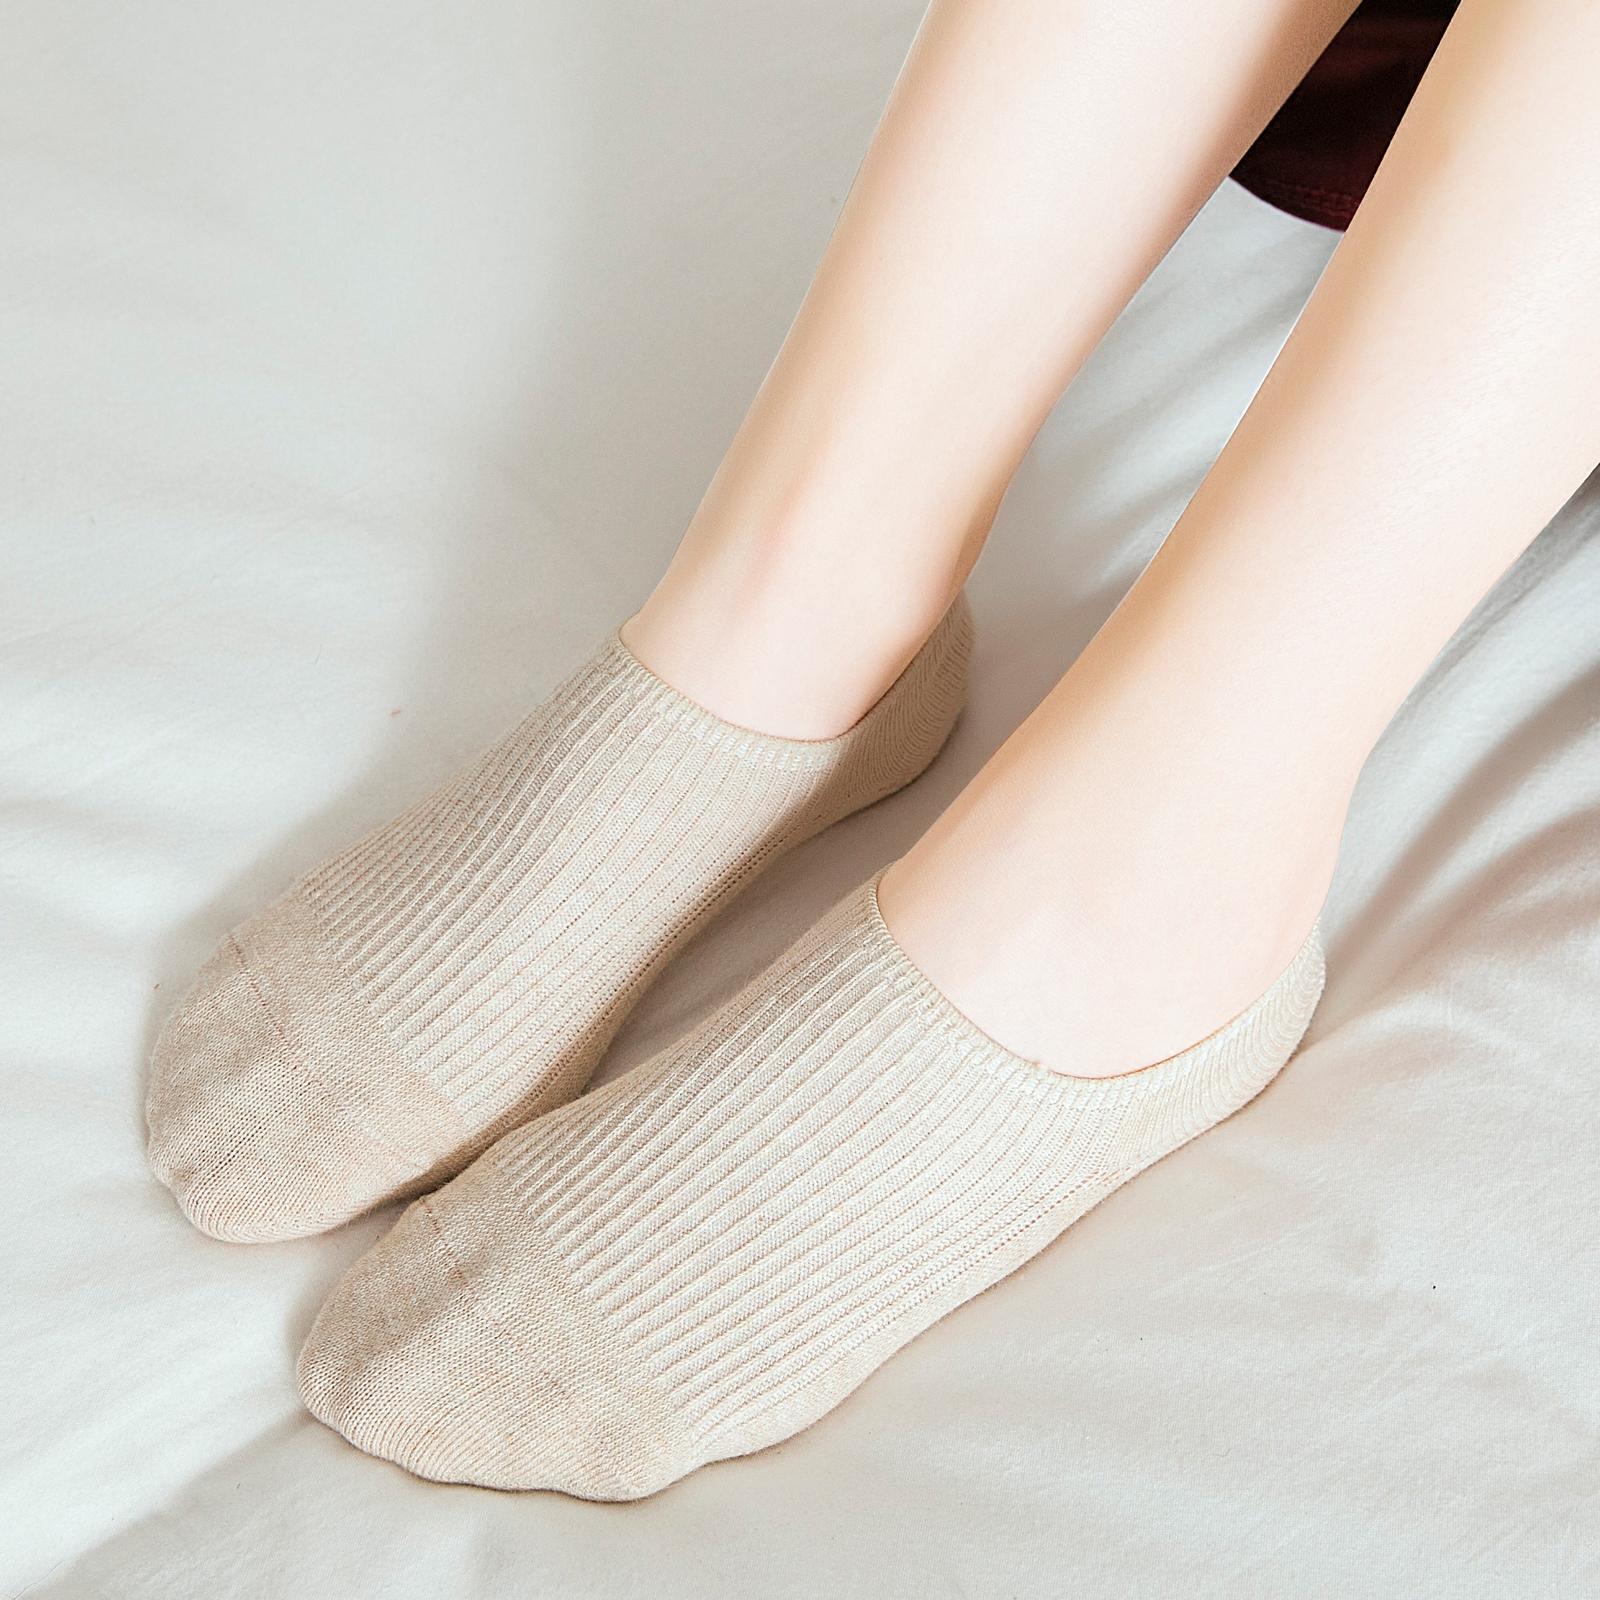 船袜女纯棉浅口袜子防滑不掉跟短袜纯棉夏季薄款低帮隐形袜单鞋袜